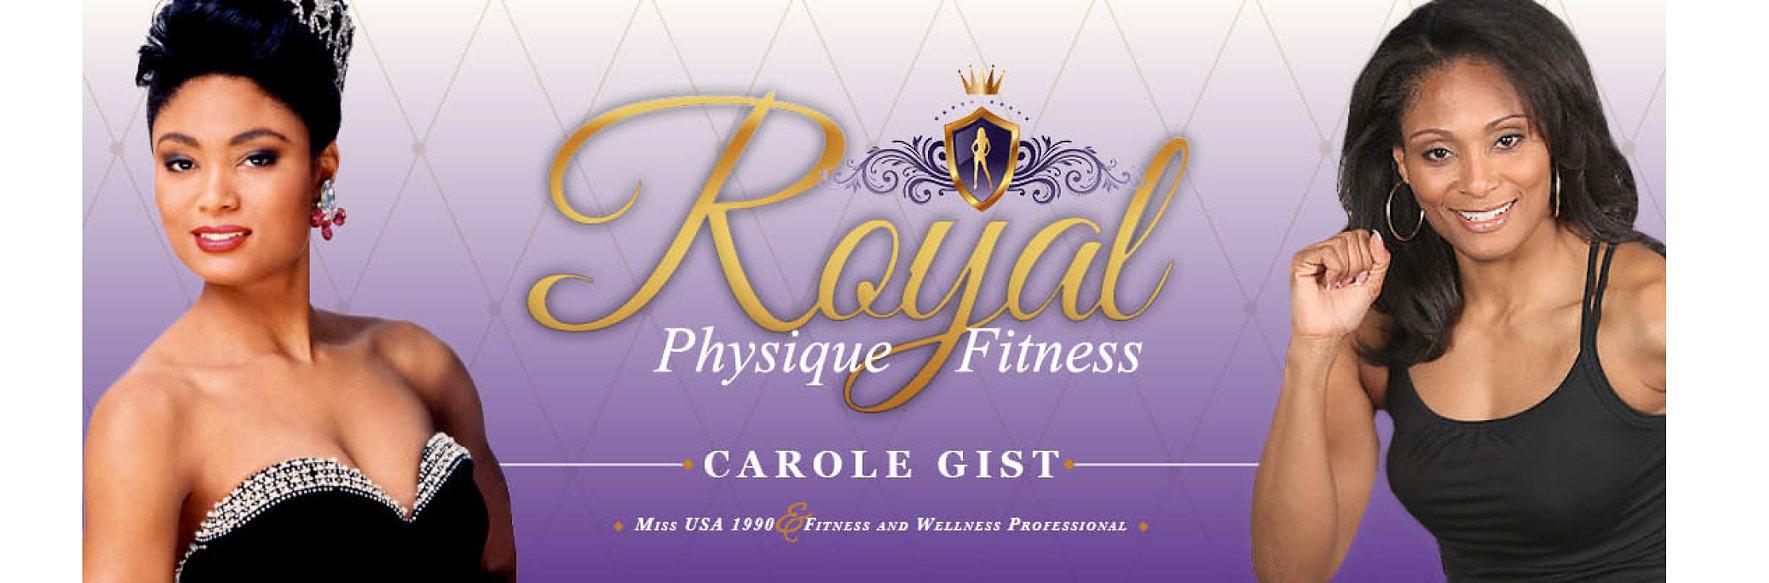 fitness banner.JPG